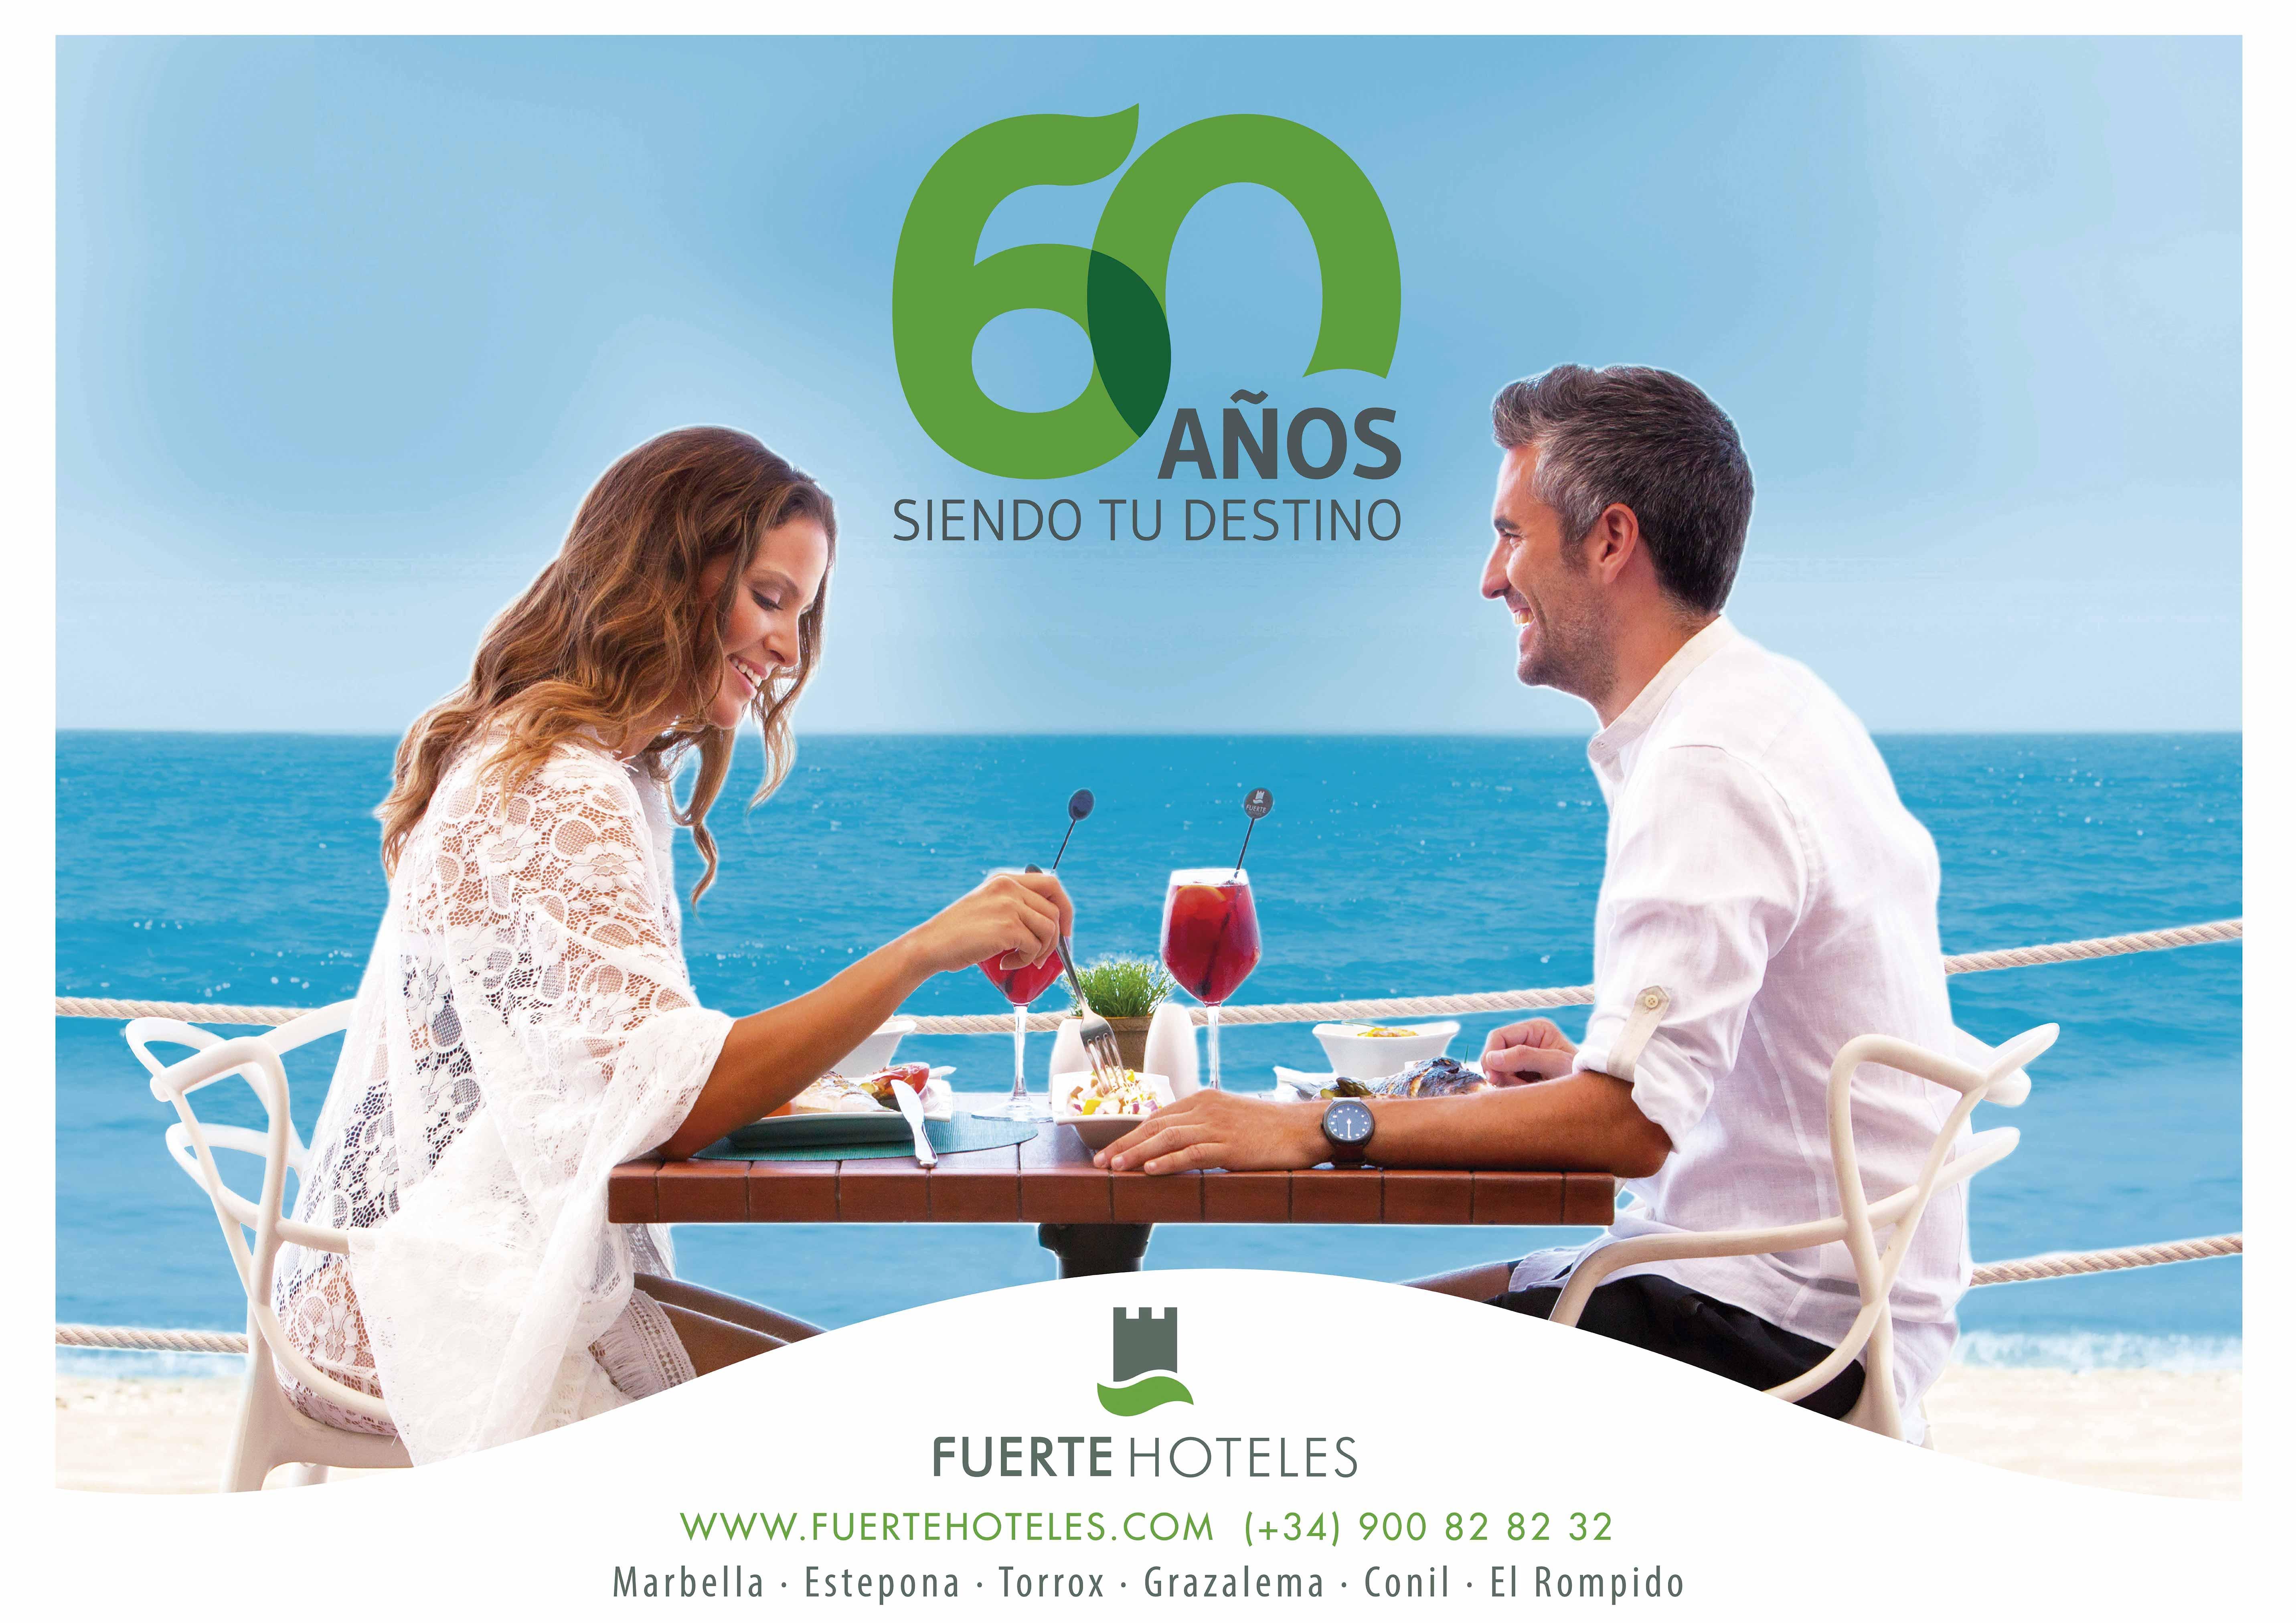 Diseño campaña branding 60 aniversario Fuerte Hoteles by Anpublicidad